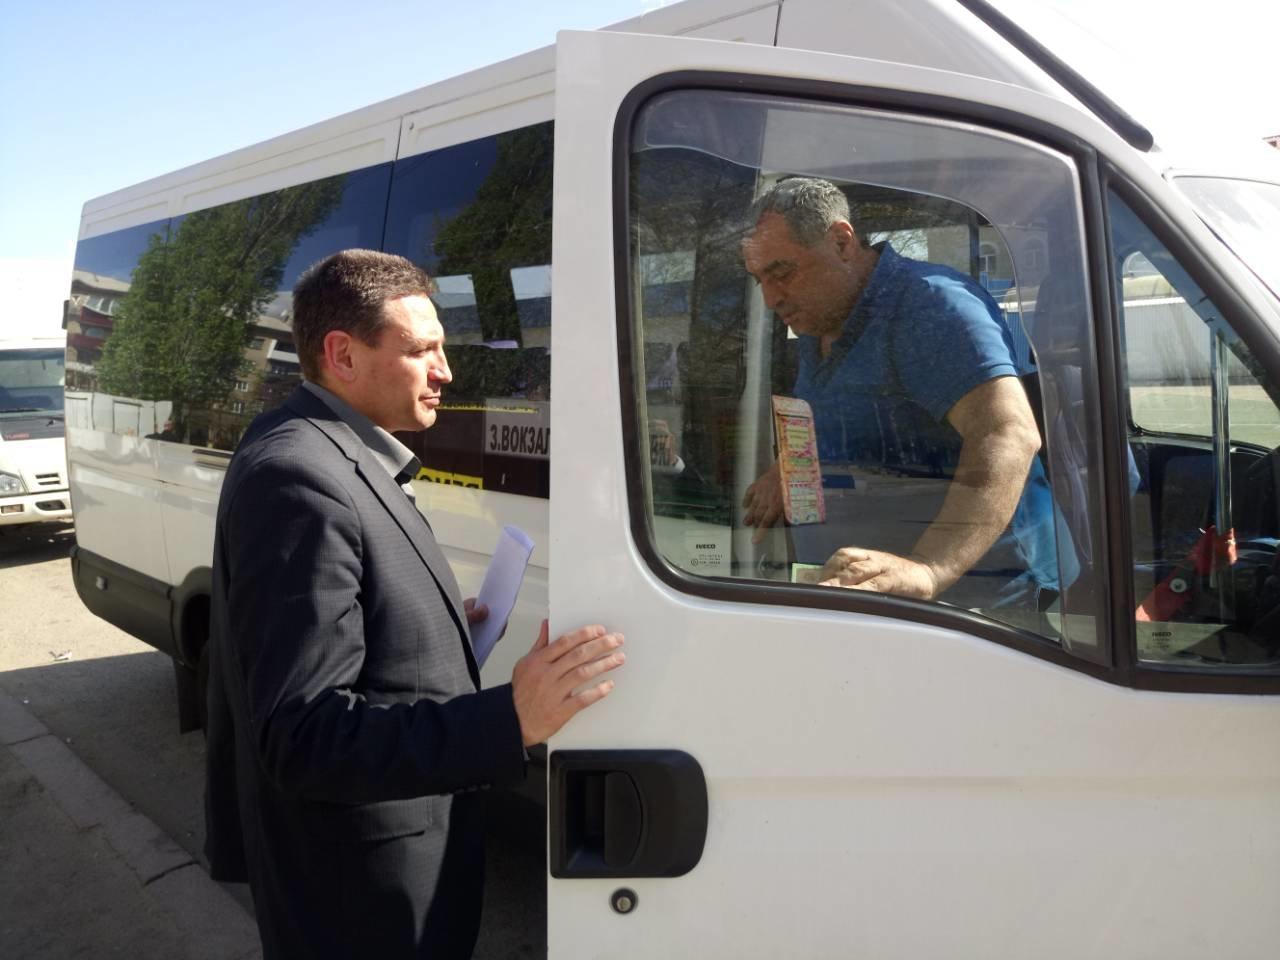 В Николаеве продолжаются проверки качества перевозки пассажиров: проинспектировали автобусные маршруты №3 и №91, фото-5